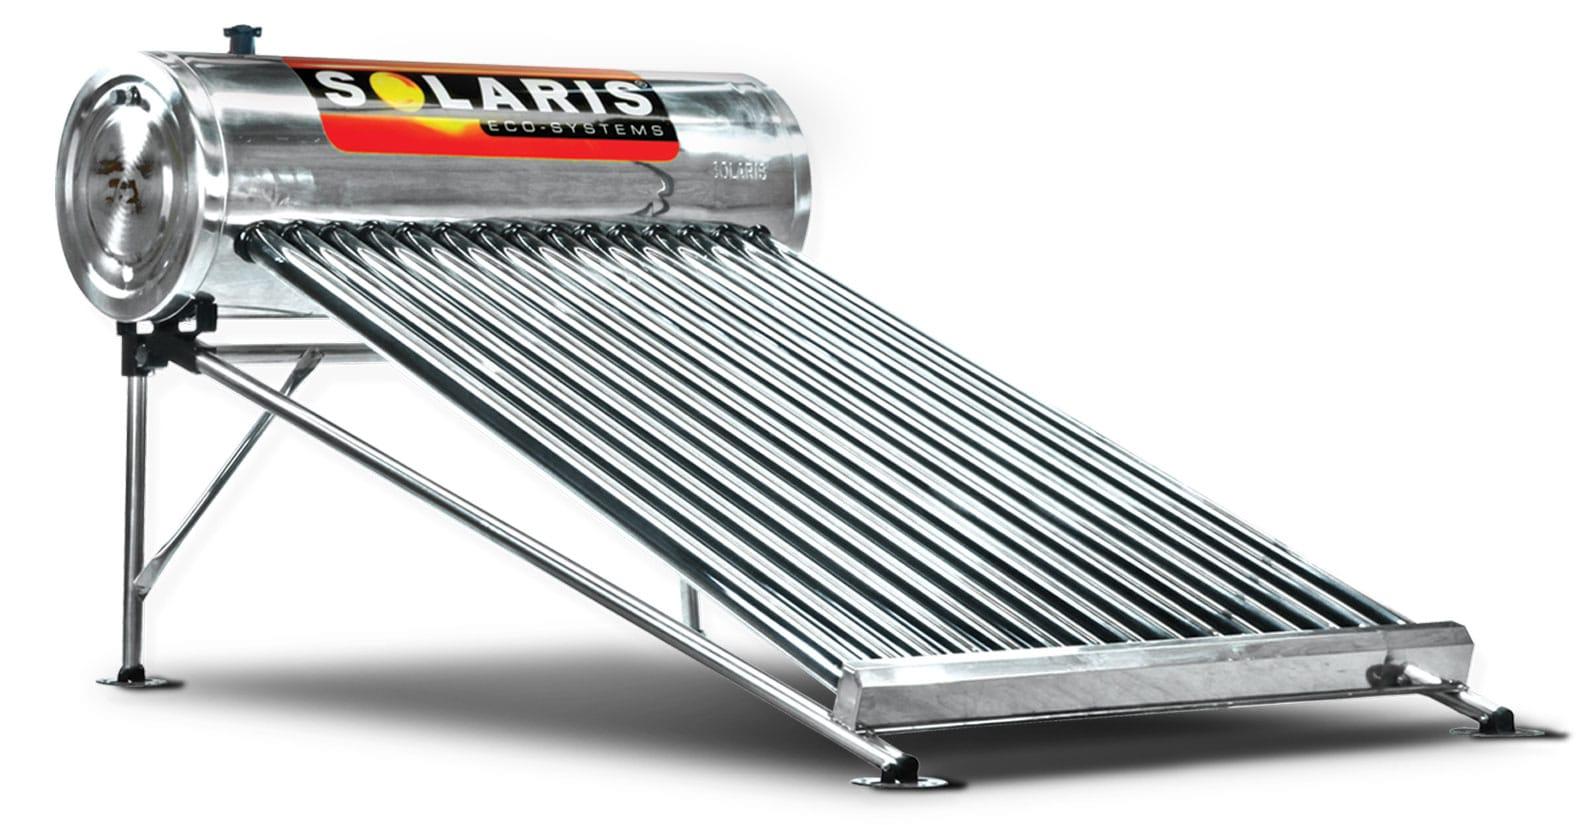 Calentador Solar para 5 personas 10 tubos marca solaris calentador solar solaris